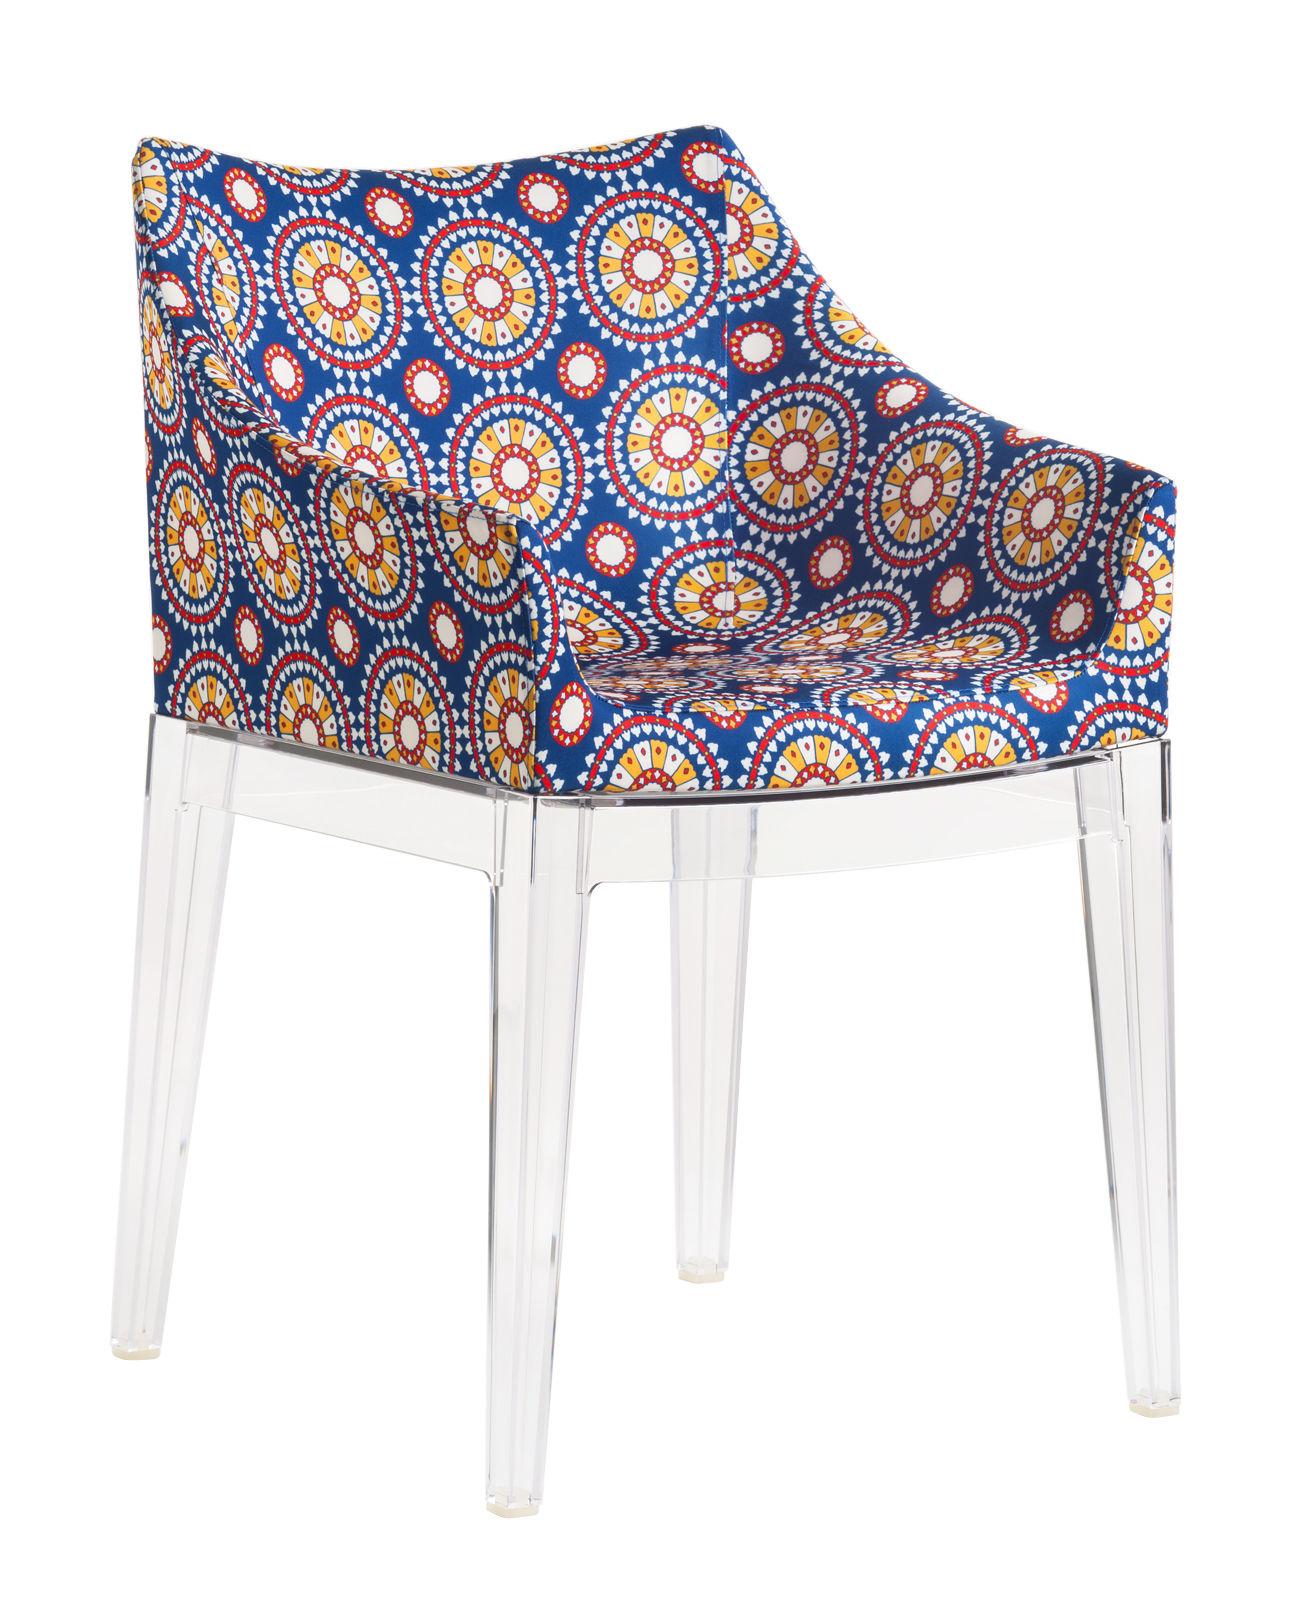 Mobilier - Chaises, fauteuils de salle à manger - Fauteuil rembourré Madame La Double J / Tissu - Kartell - Tissu Ruote / Pieds cristal - Mousse polyuréthane, Polycarbonate, Tissu